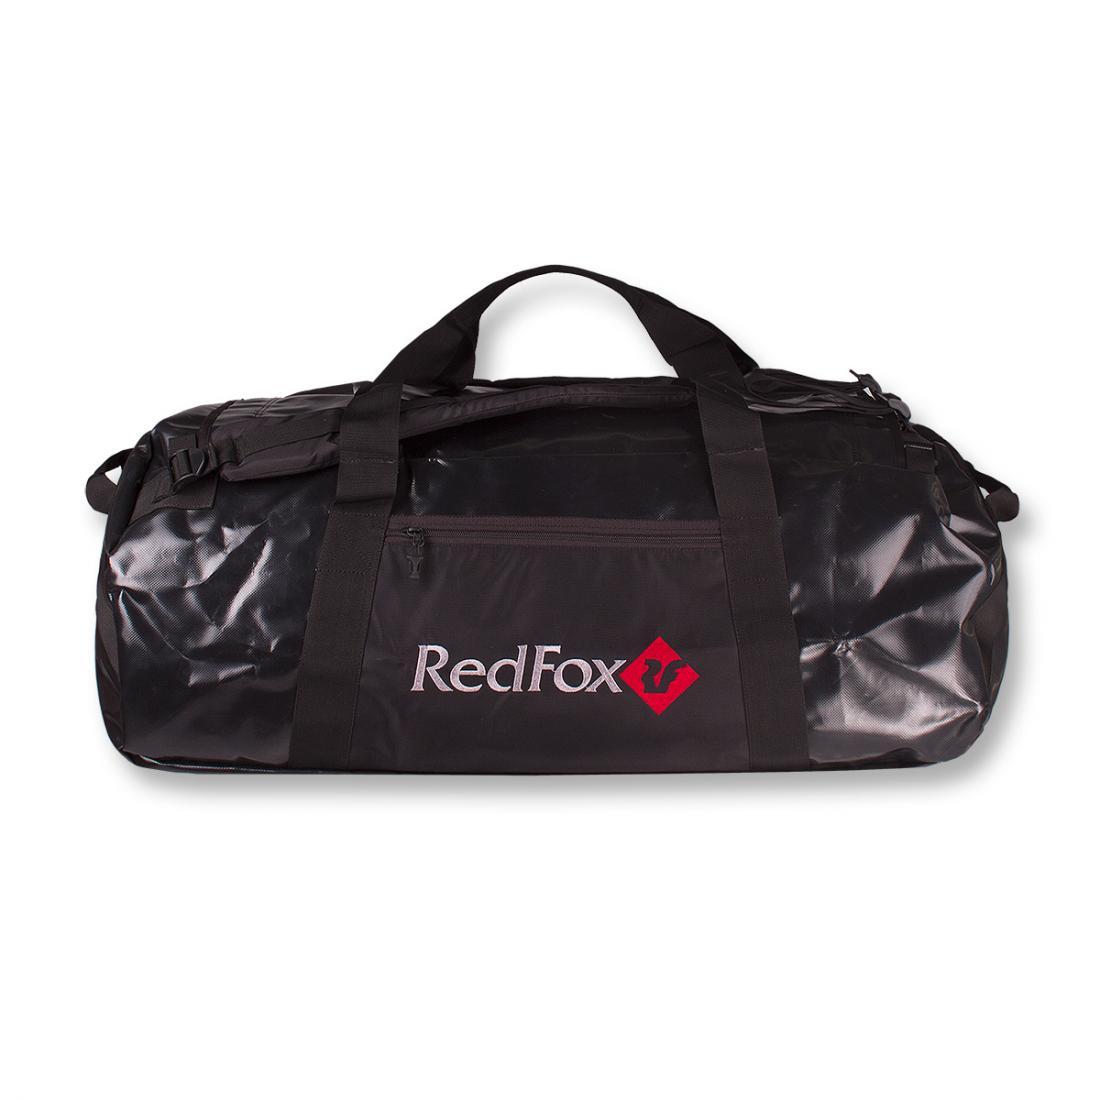 Баул экспедиционный TEZA 100Сумки<br><br>Удобная вместительная сумка для путешествий и экспедиций<br>Большой наружный карман <br>Отстегивающиеся лямки 4 ручки<br>ОБЪЕМ: 100 л<br><br><br>Цвет: Черный<br>Размер: 100 л